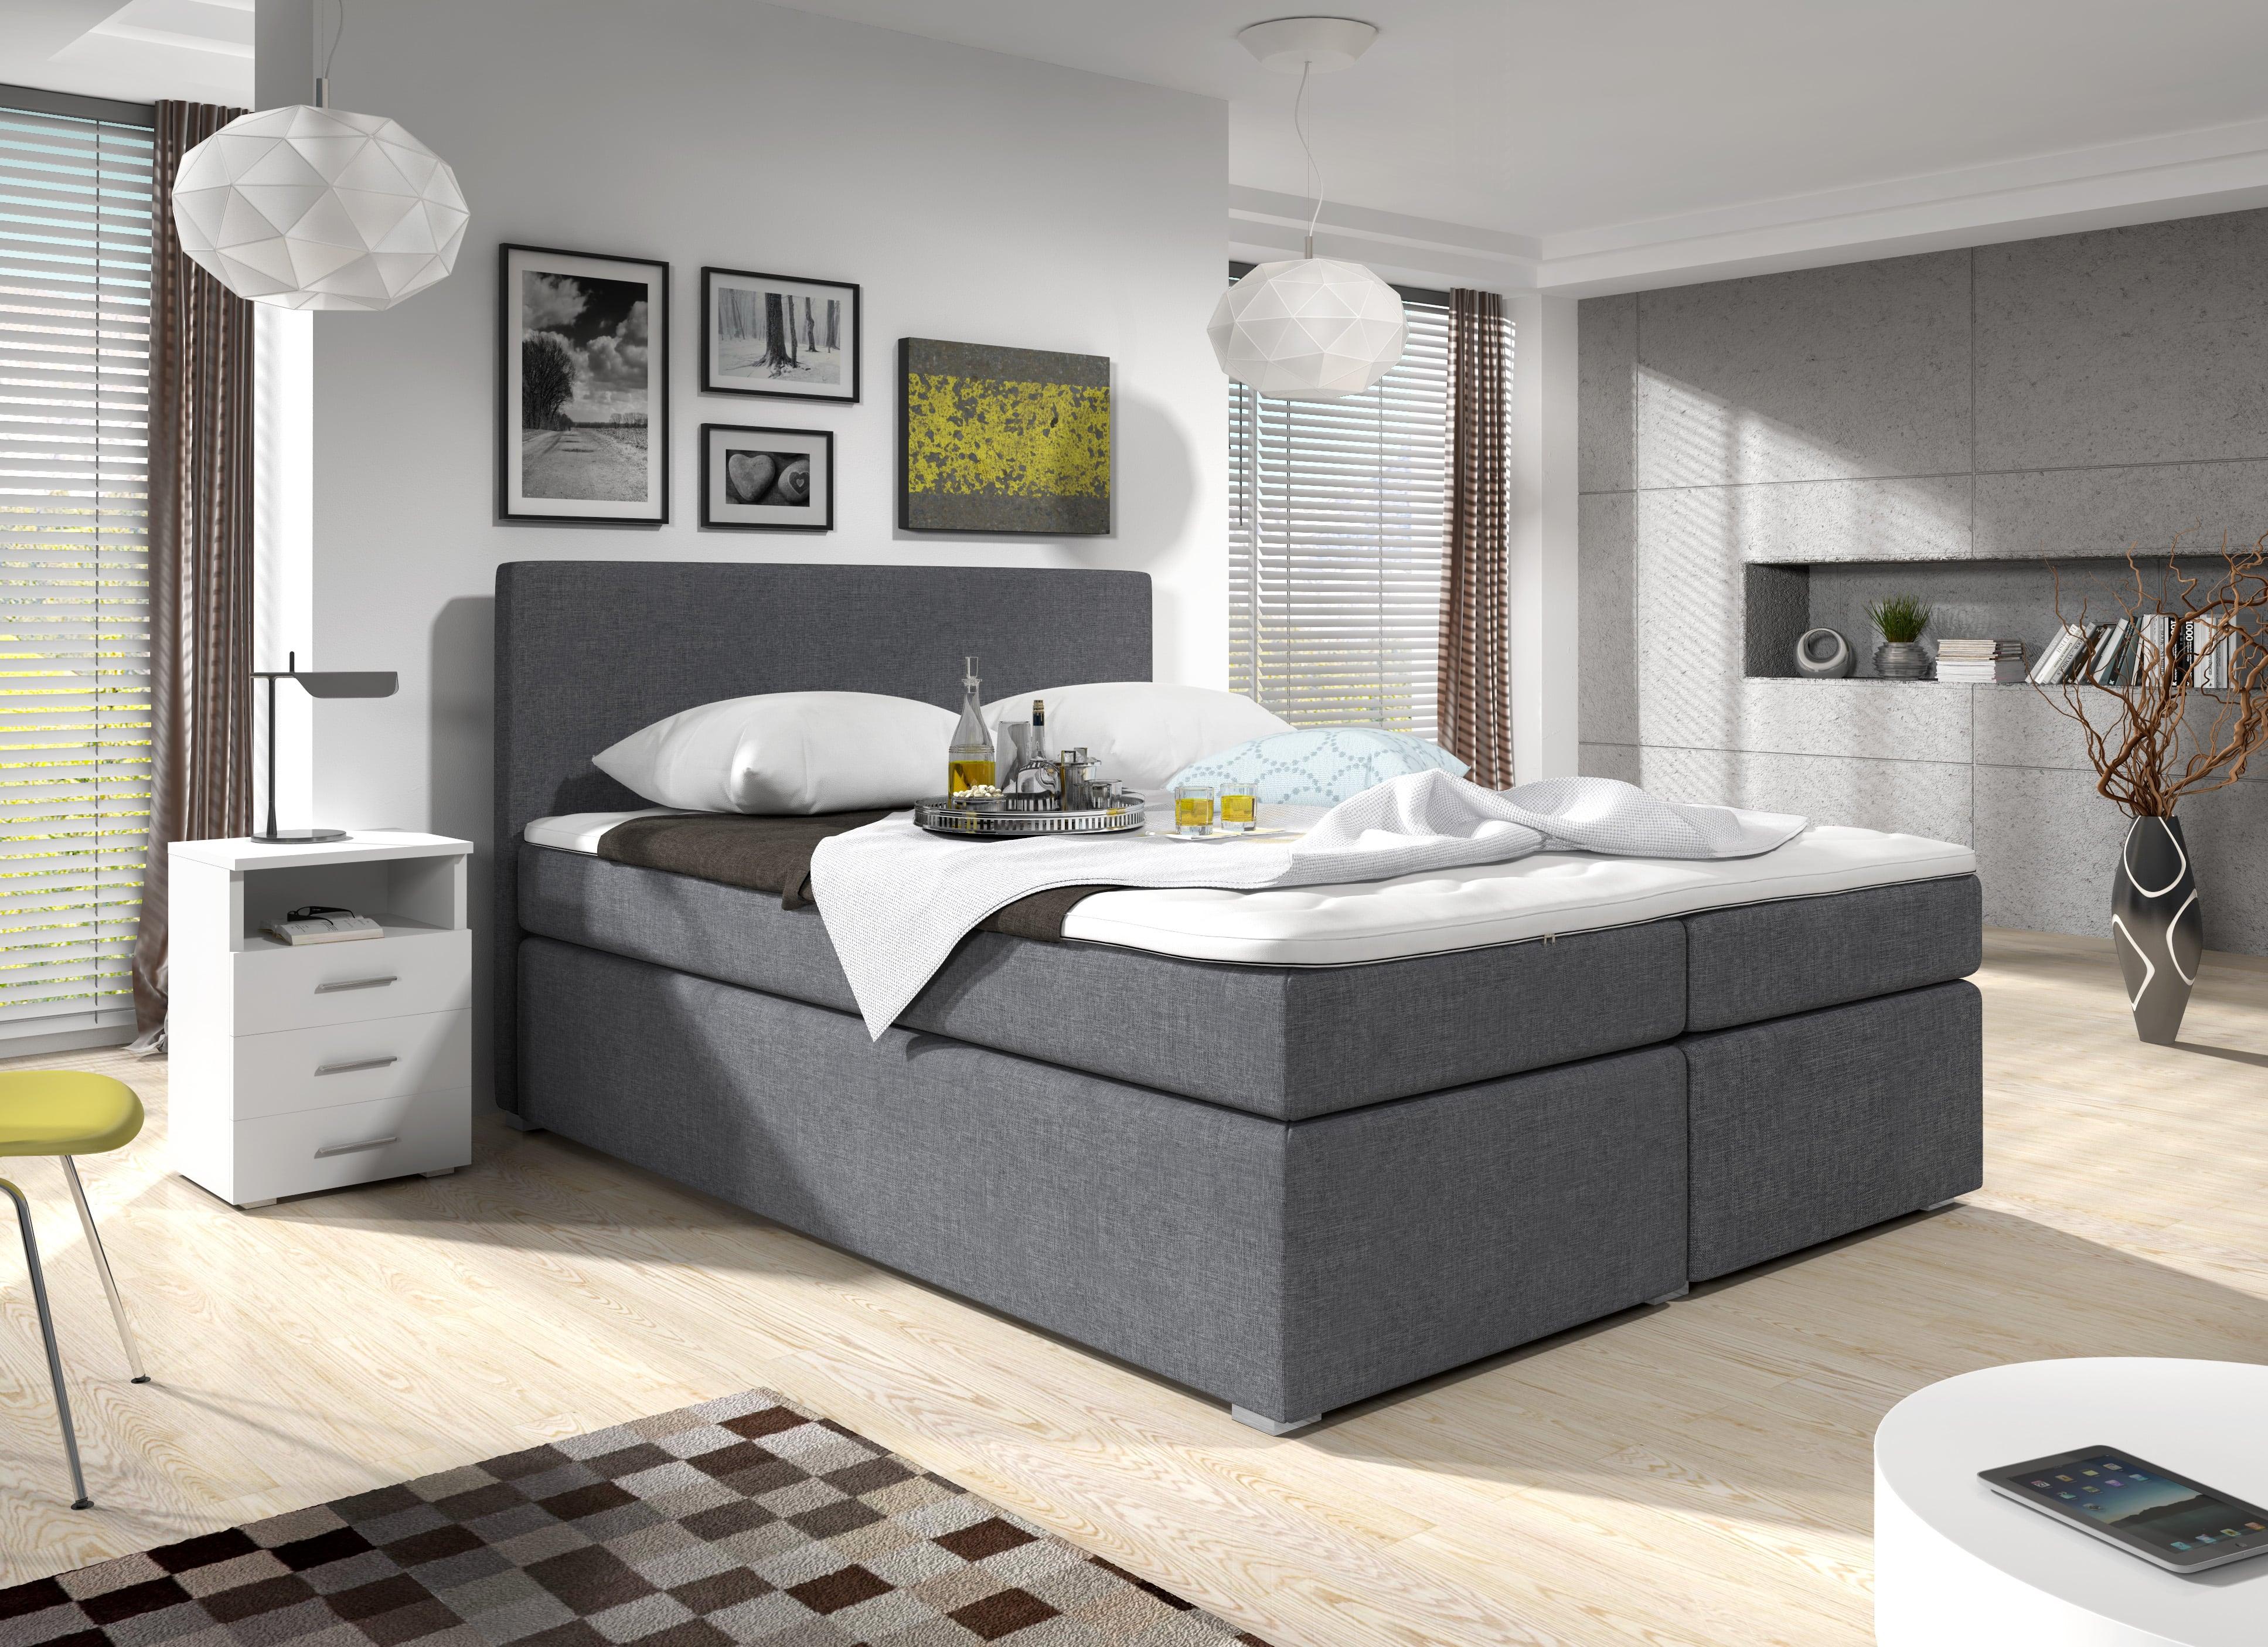 man elsk postel boxspring 180 cm sabina ed s matracemi hezk n. Black Bedroom Furniture Sets. Home Design Ideas